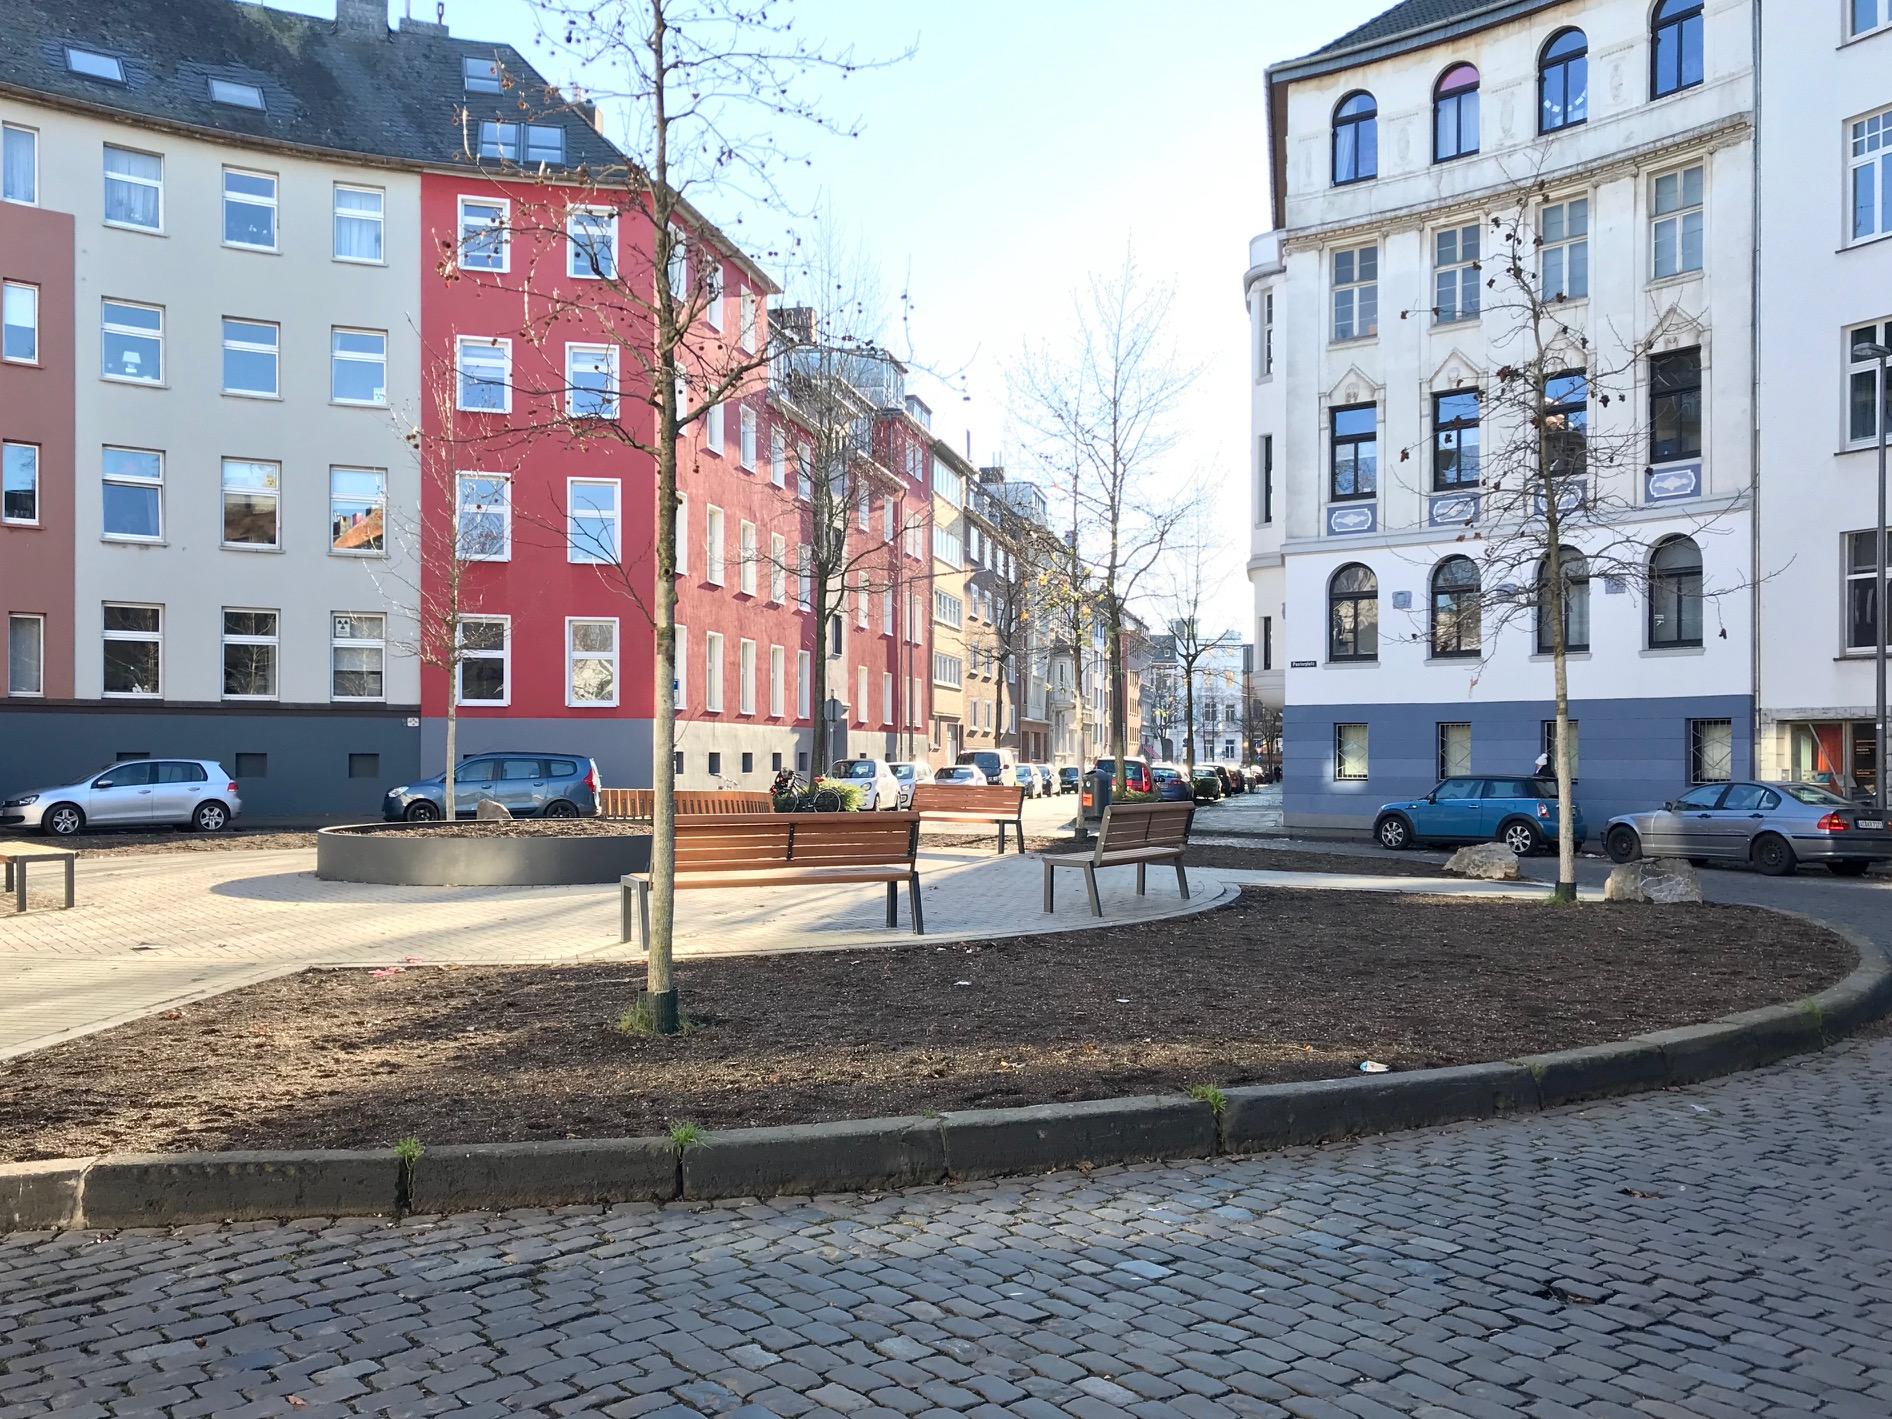 Bürgerinnen und Bürger tragen wieder ihre Anliegen vor: besser parken, besser gestalten, besser entsorgen